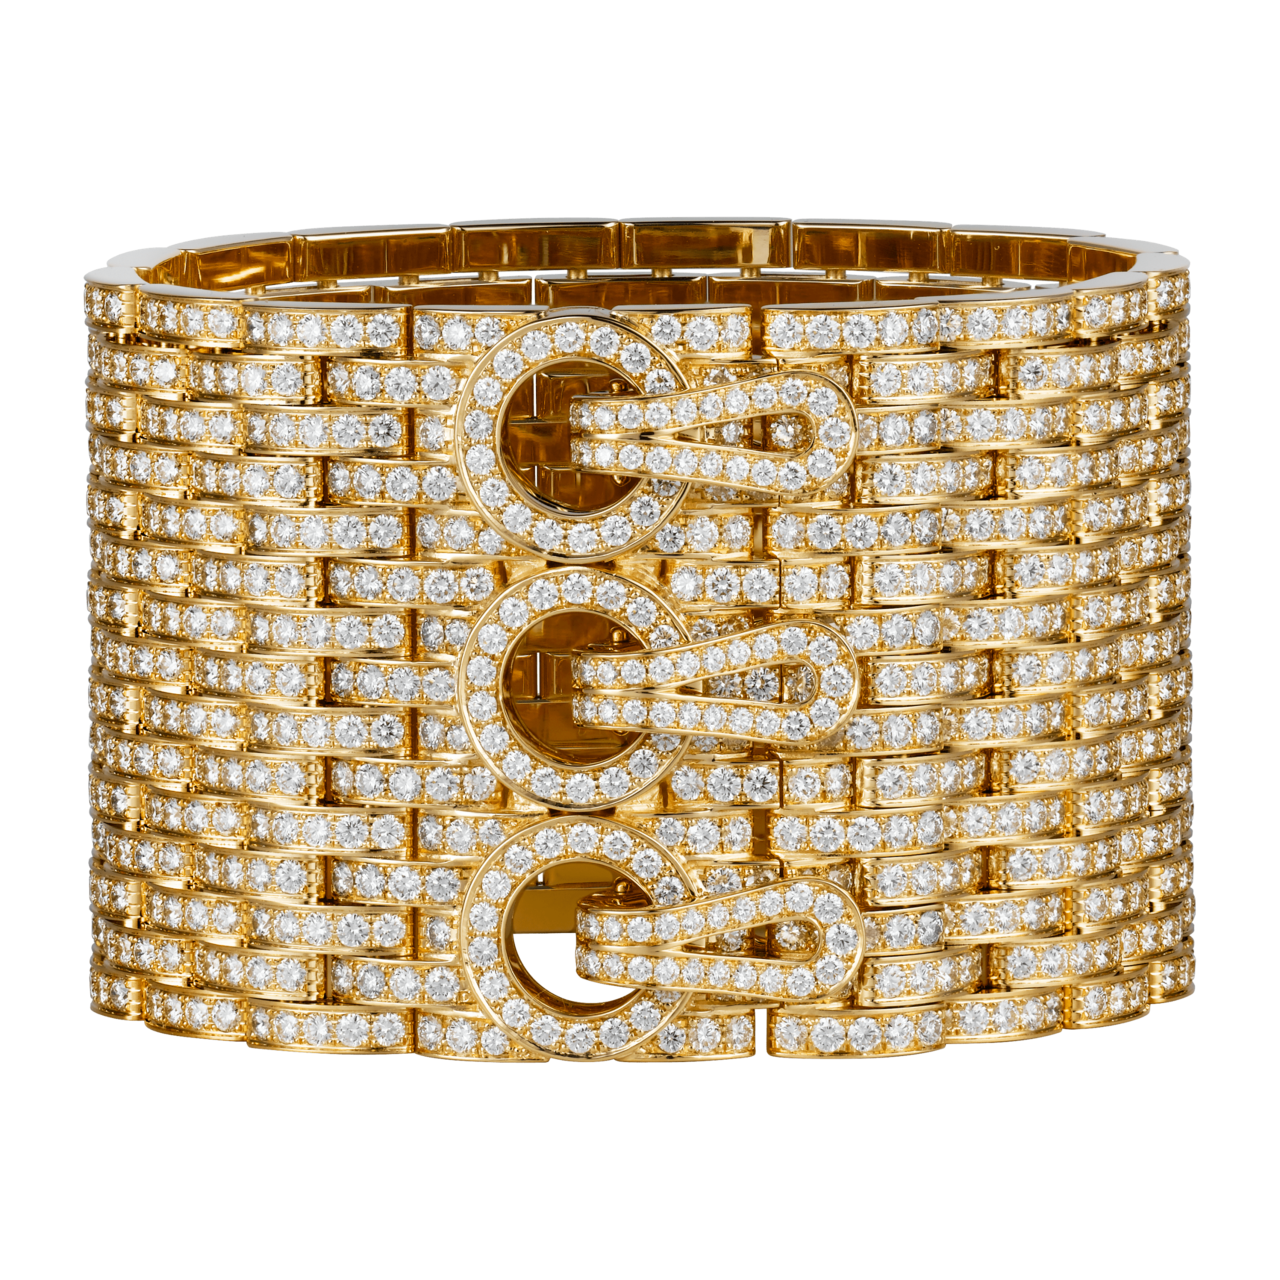 卡地亞頂級珠寶系列Agrafe鋪鑲鑽黃K金手環,黃K金,鑲嵌圓形明亮式切割鑽石,...